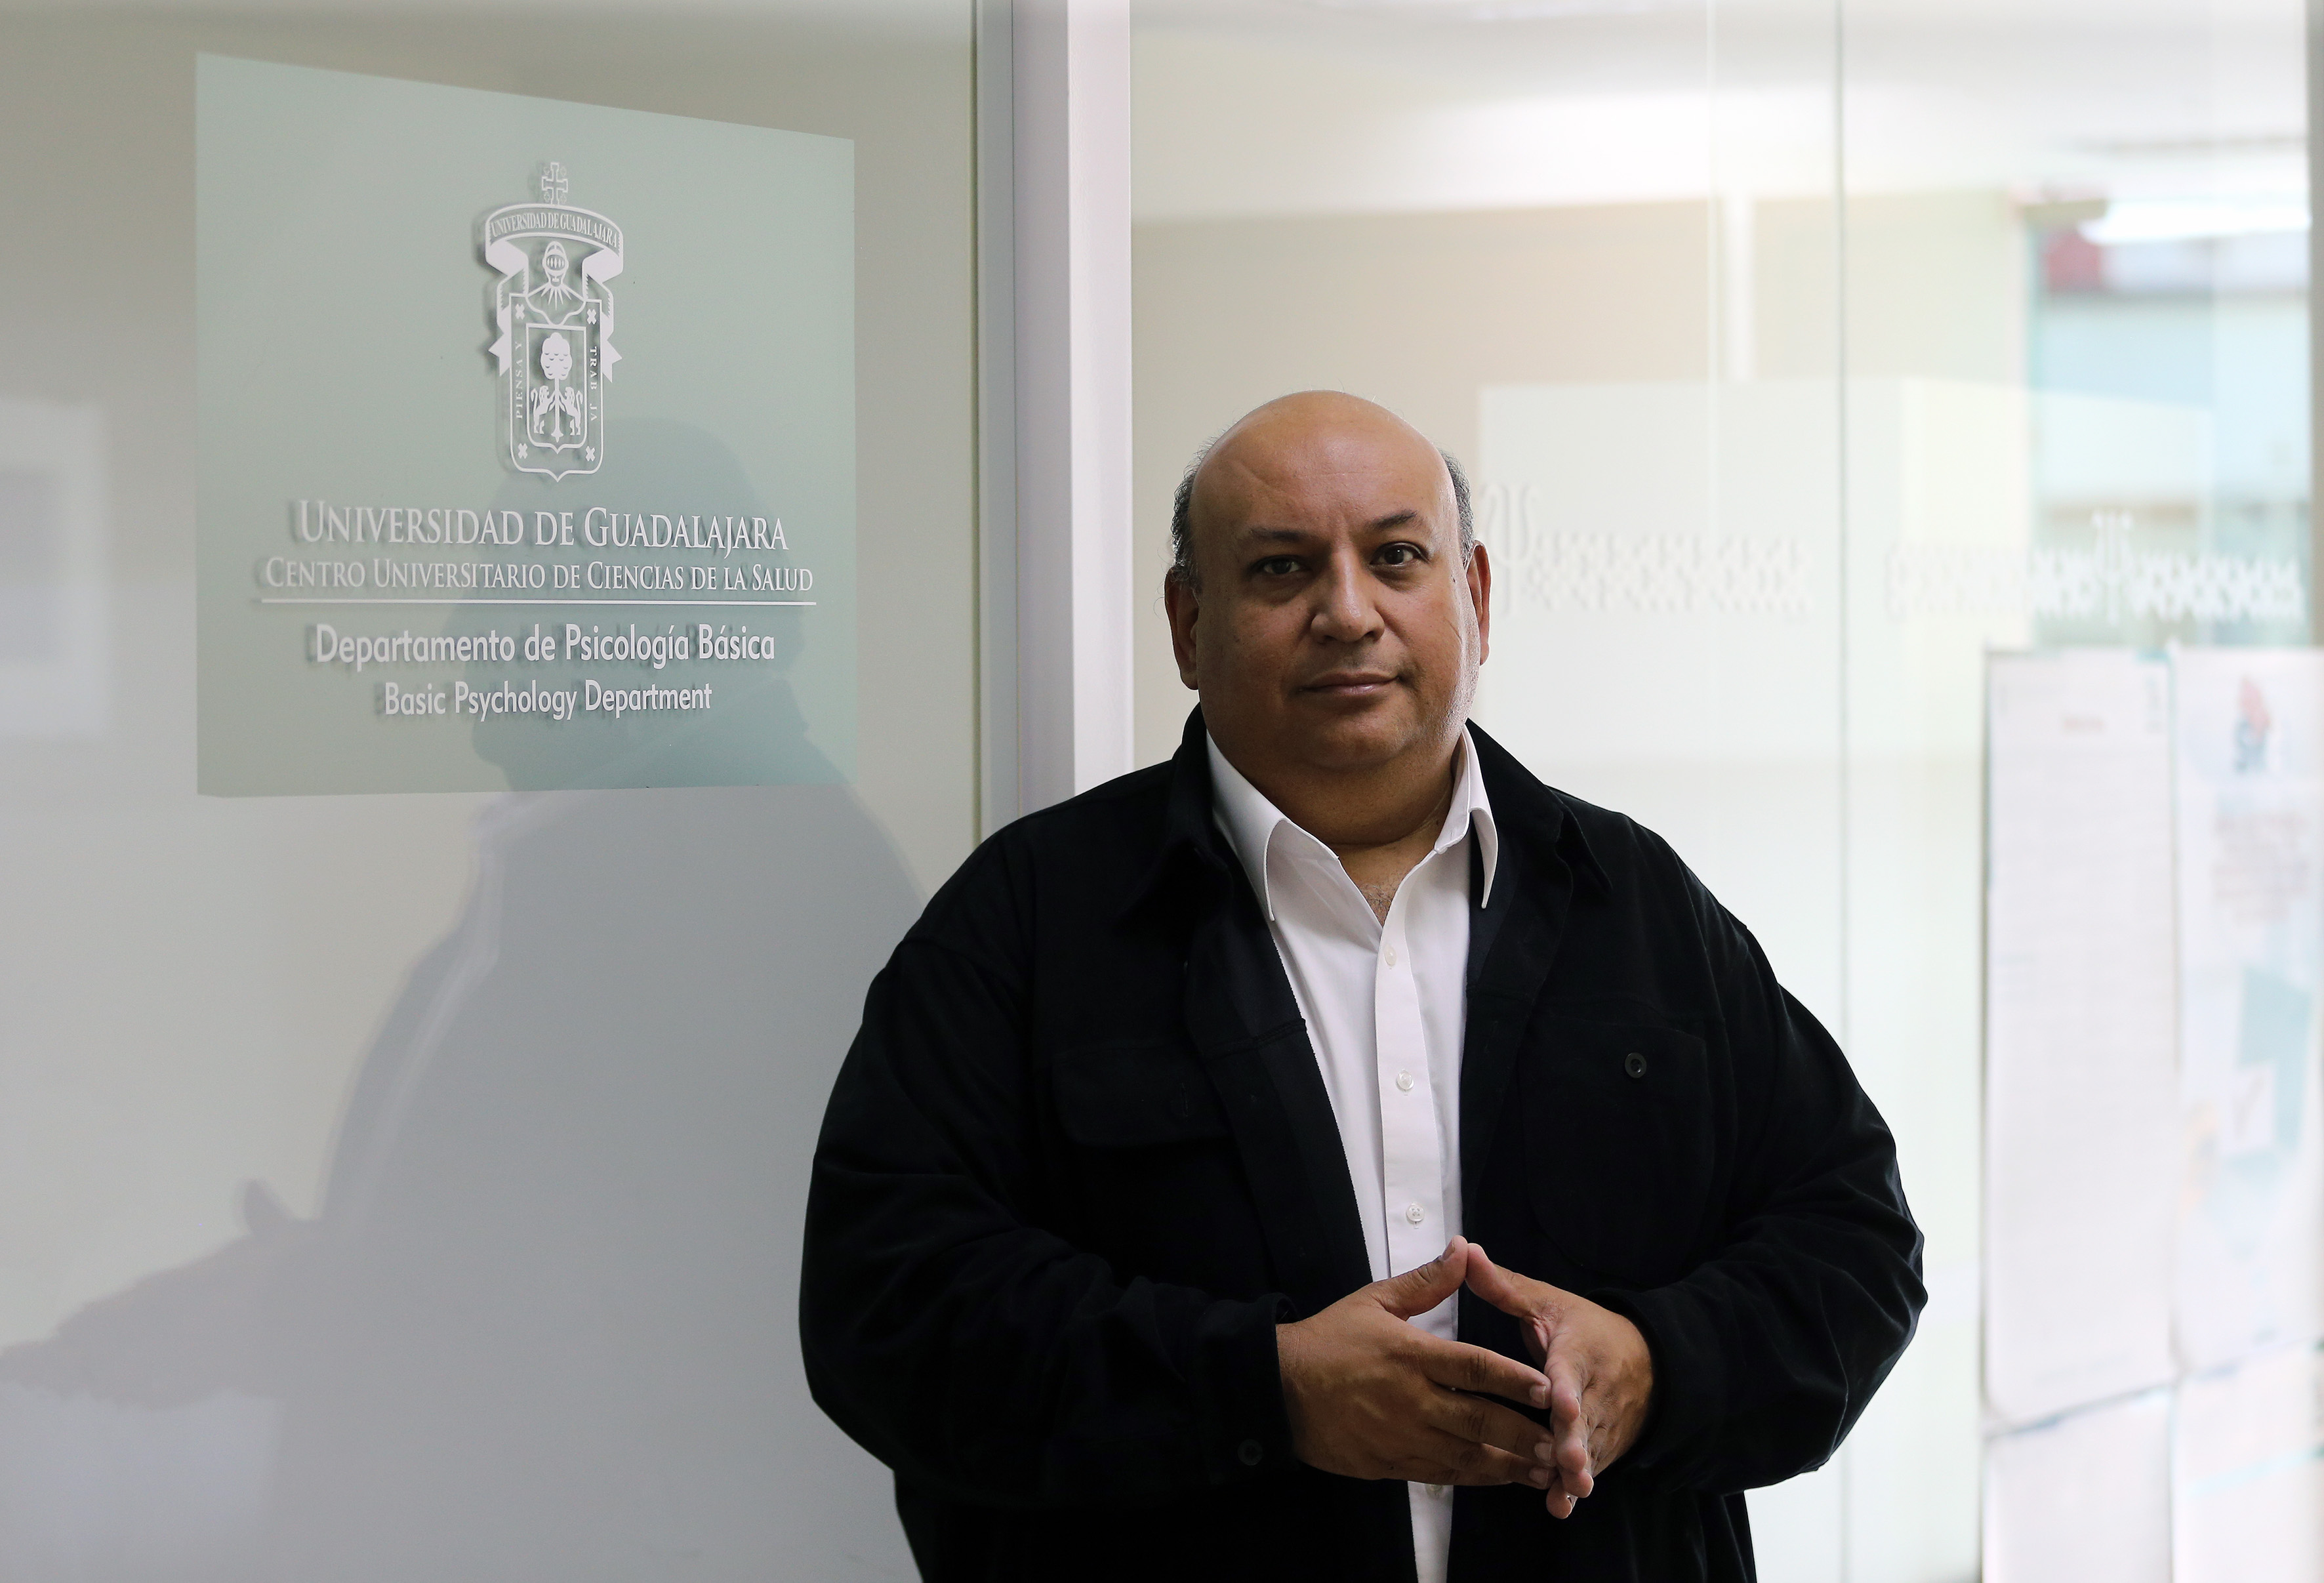 Mtro. Francisco Gutiérrez posa para la foto a las afueras del CEINFO